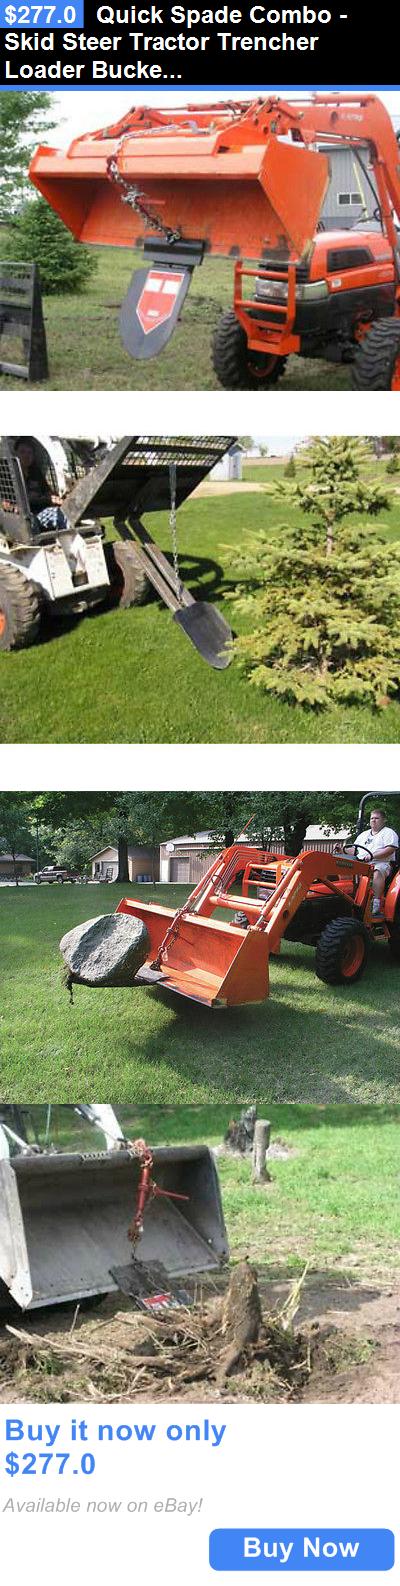 heavy equipment: Quick Spade Combo - Skid Steer Tractor